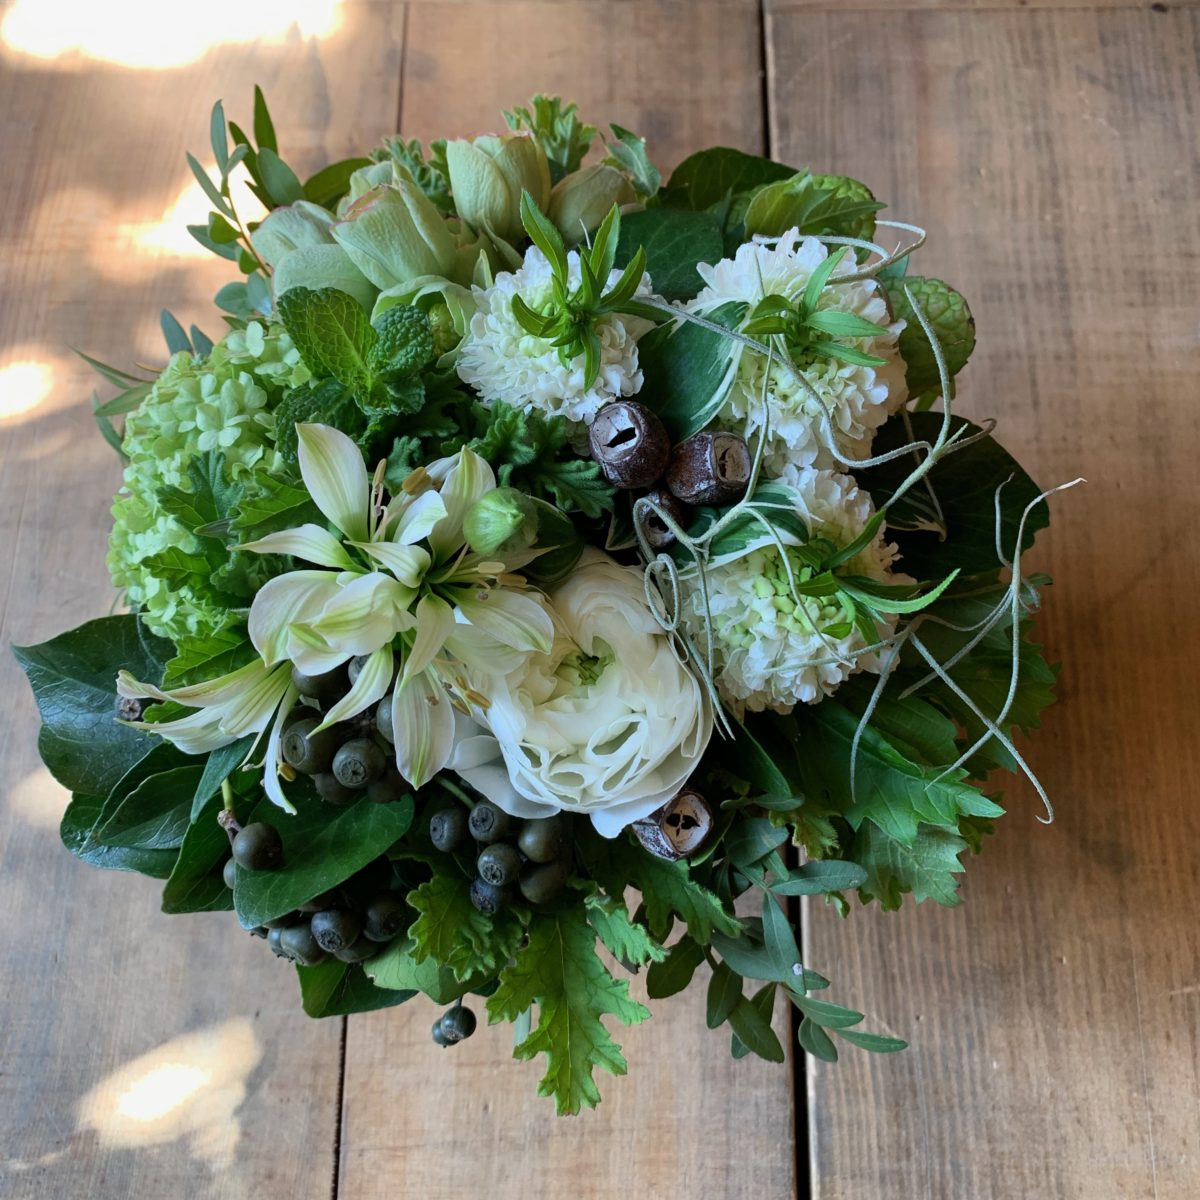 ホワイト系の春の草花アレンジメント(¥3500)